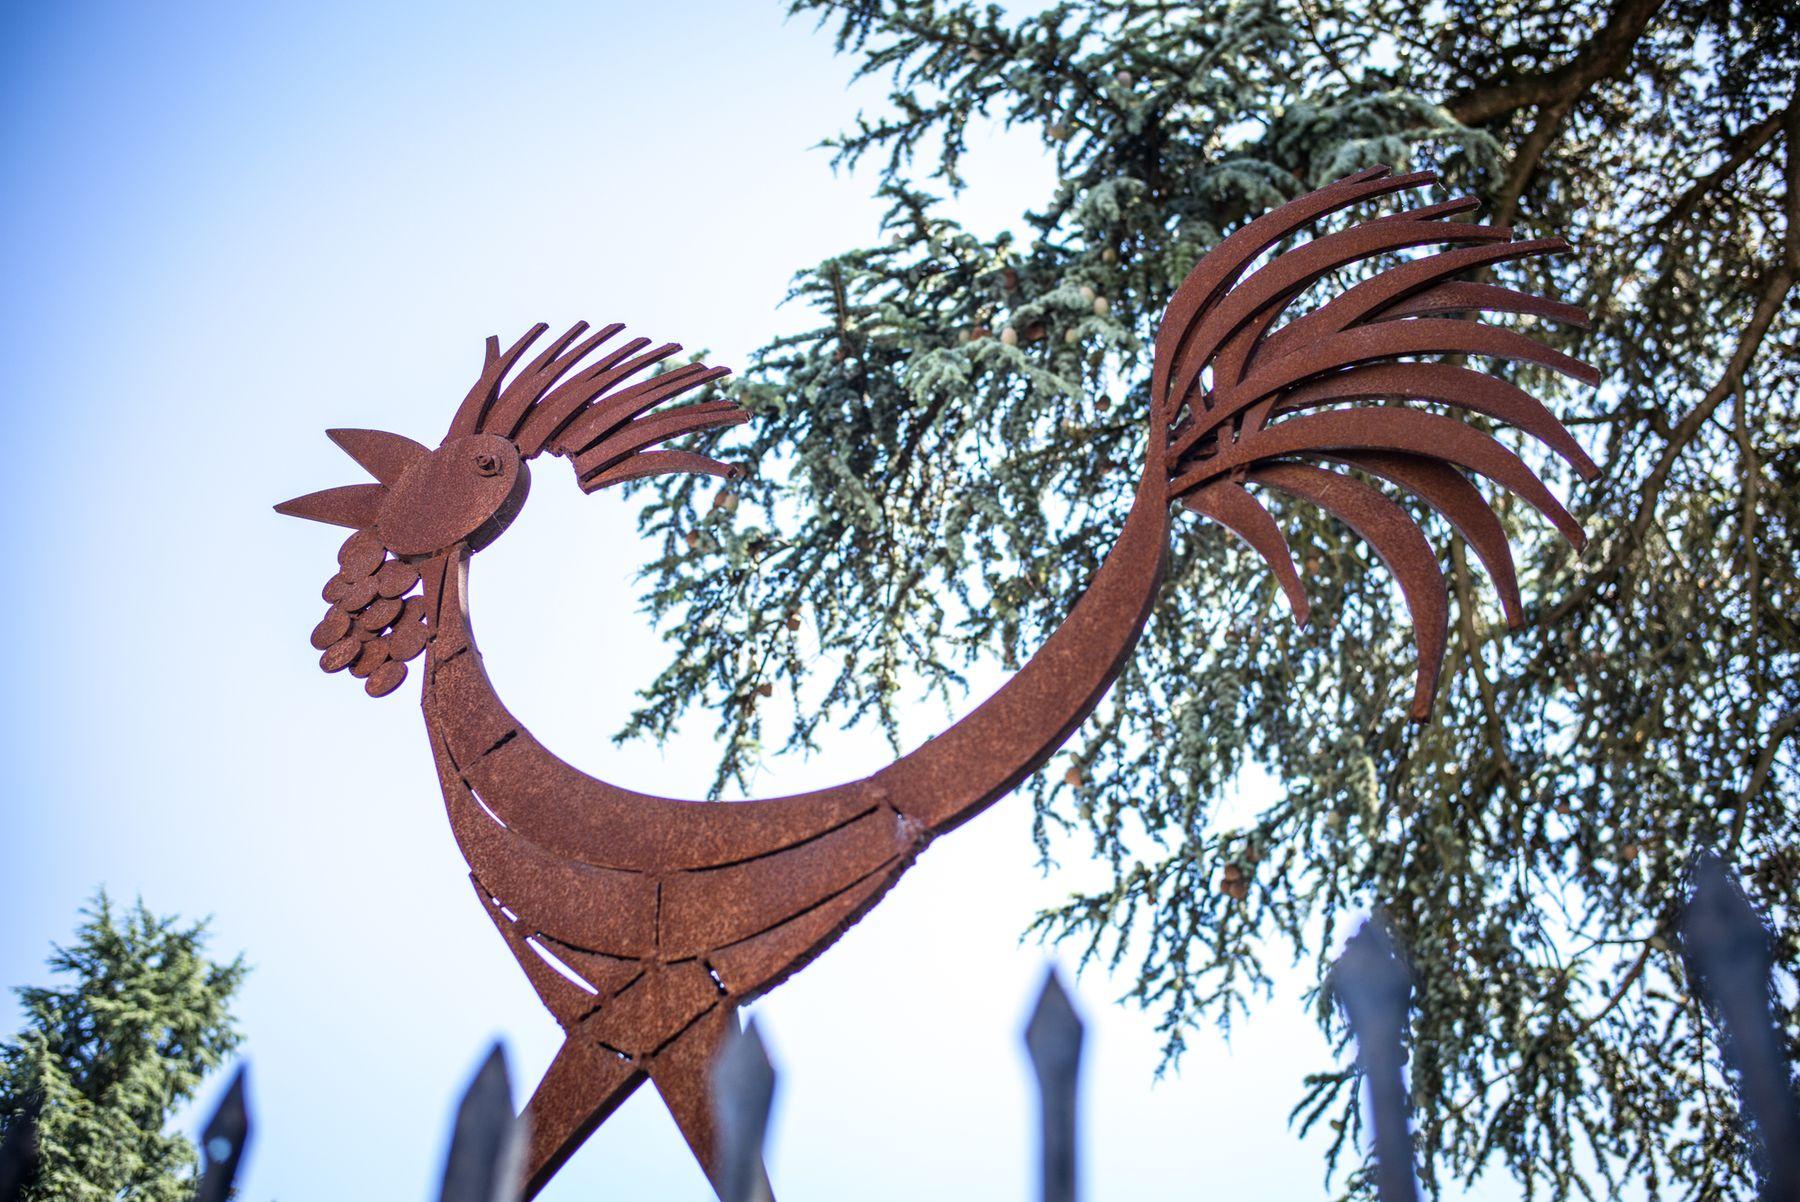 Le coq - sculpture offerte par la ville de Fossalata du Portogruaro